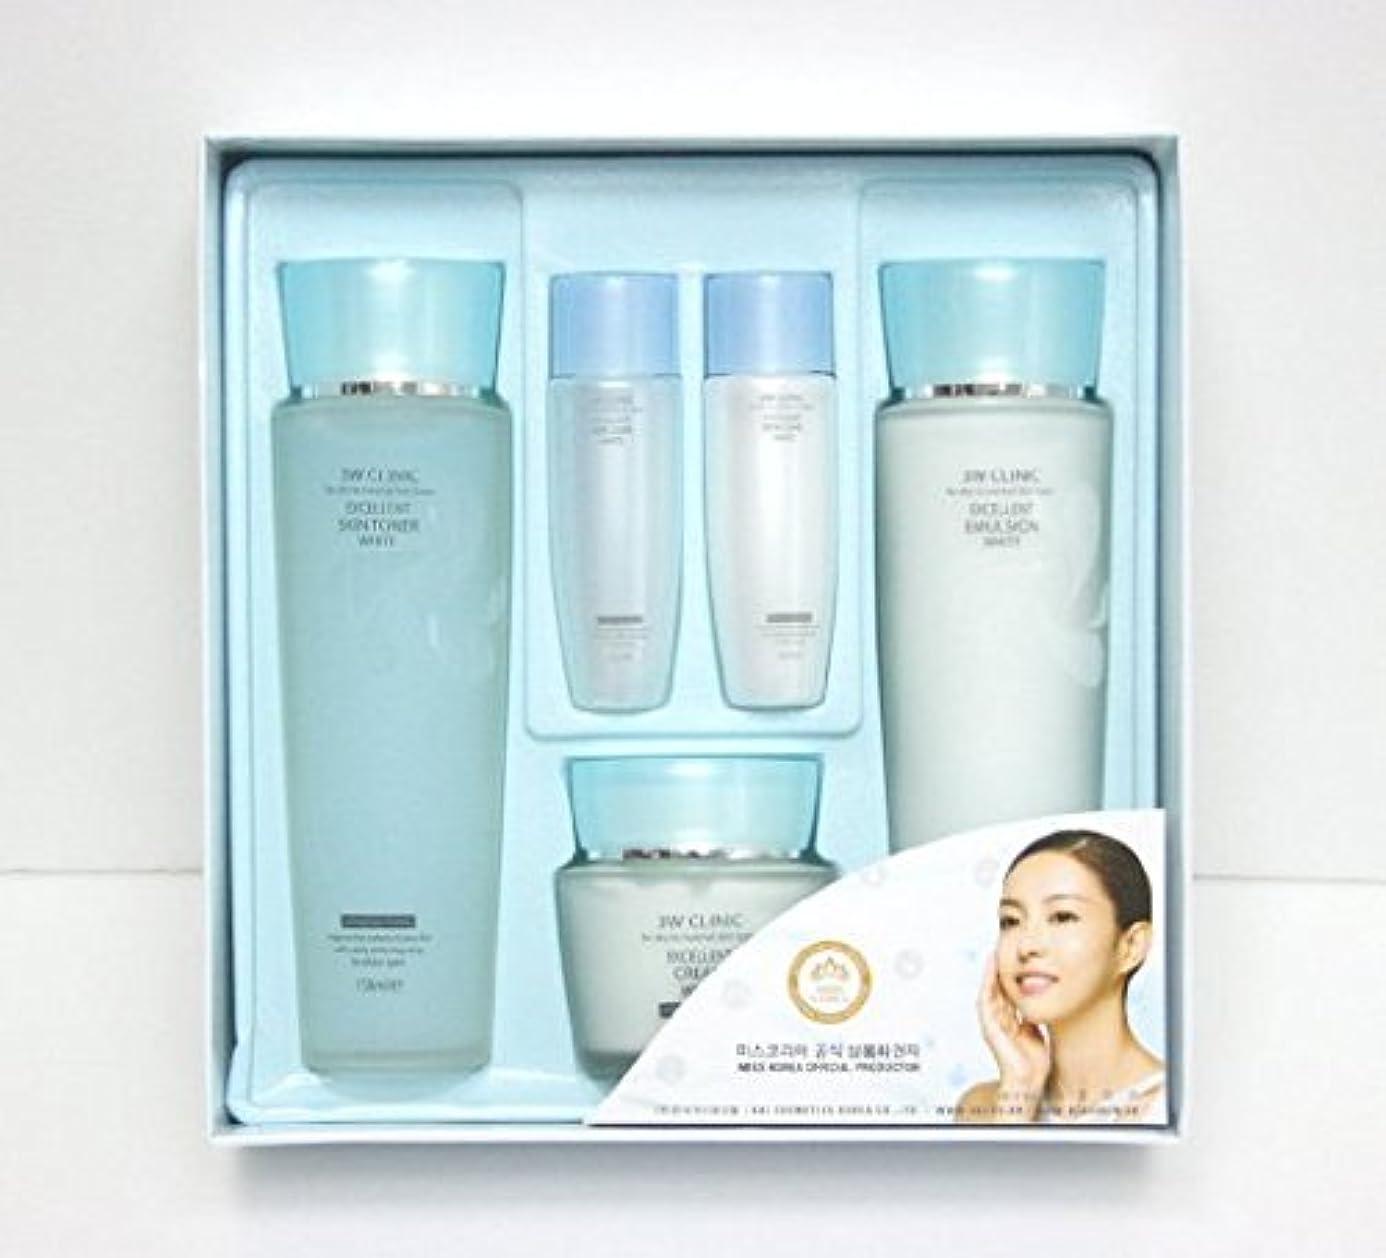 運命的な添加収縮3Wクリニック[韓国コスメ3w Clinic]Excellent White Skin Care set エクセレントホワイトスキンケア3セット,樹液,乳液,クリーム [並行輸入品]